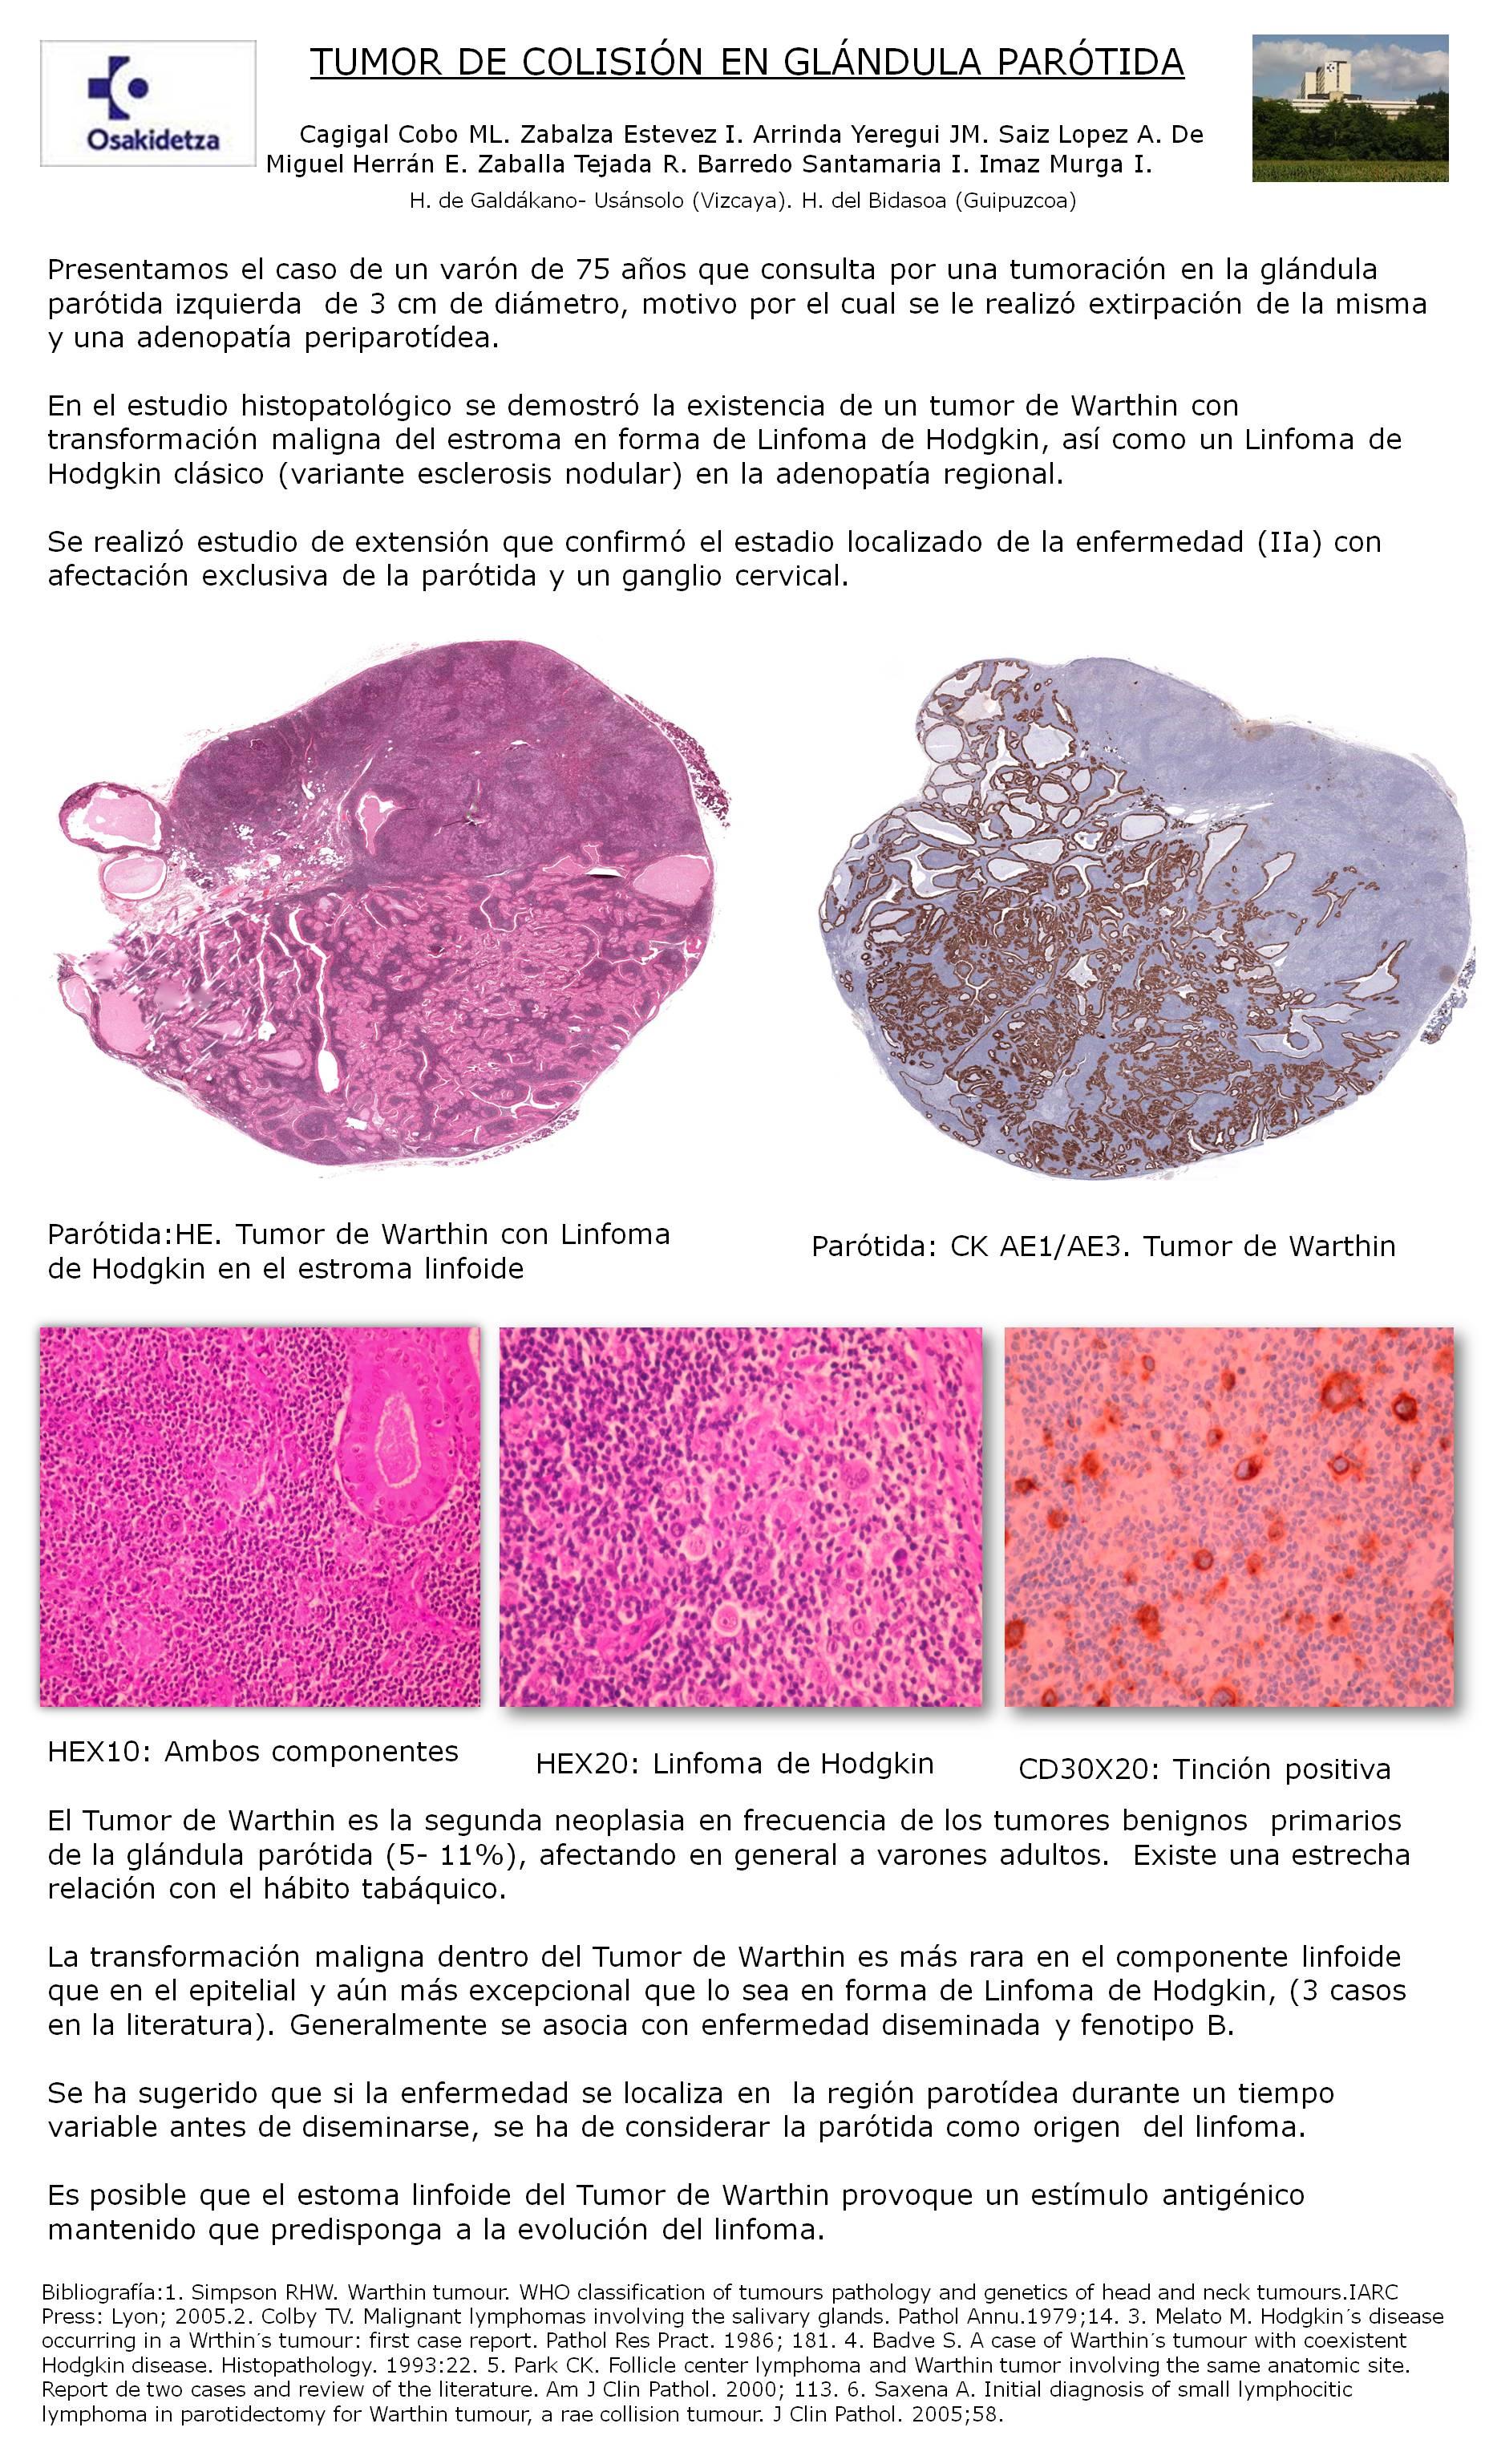 PosterXXXVSEAP013 - Tumor de colisión en glándula parótida